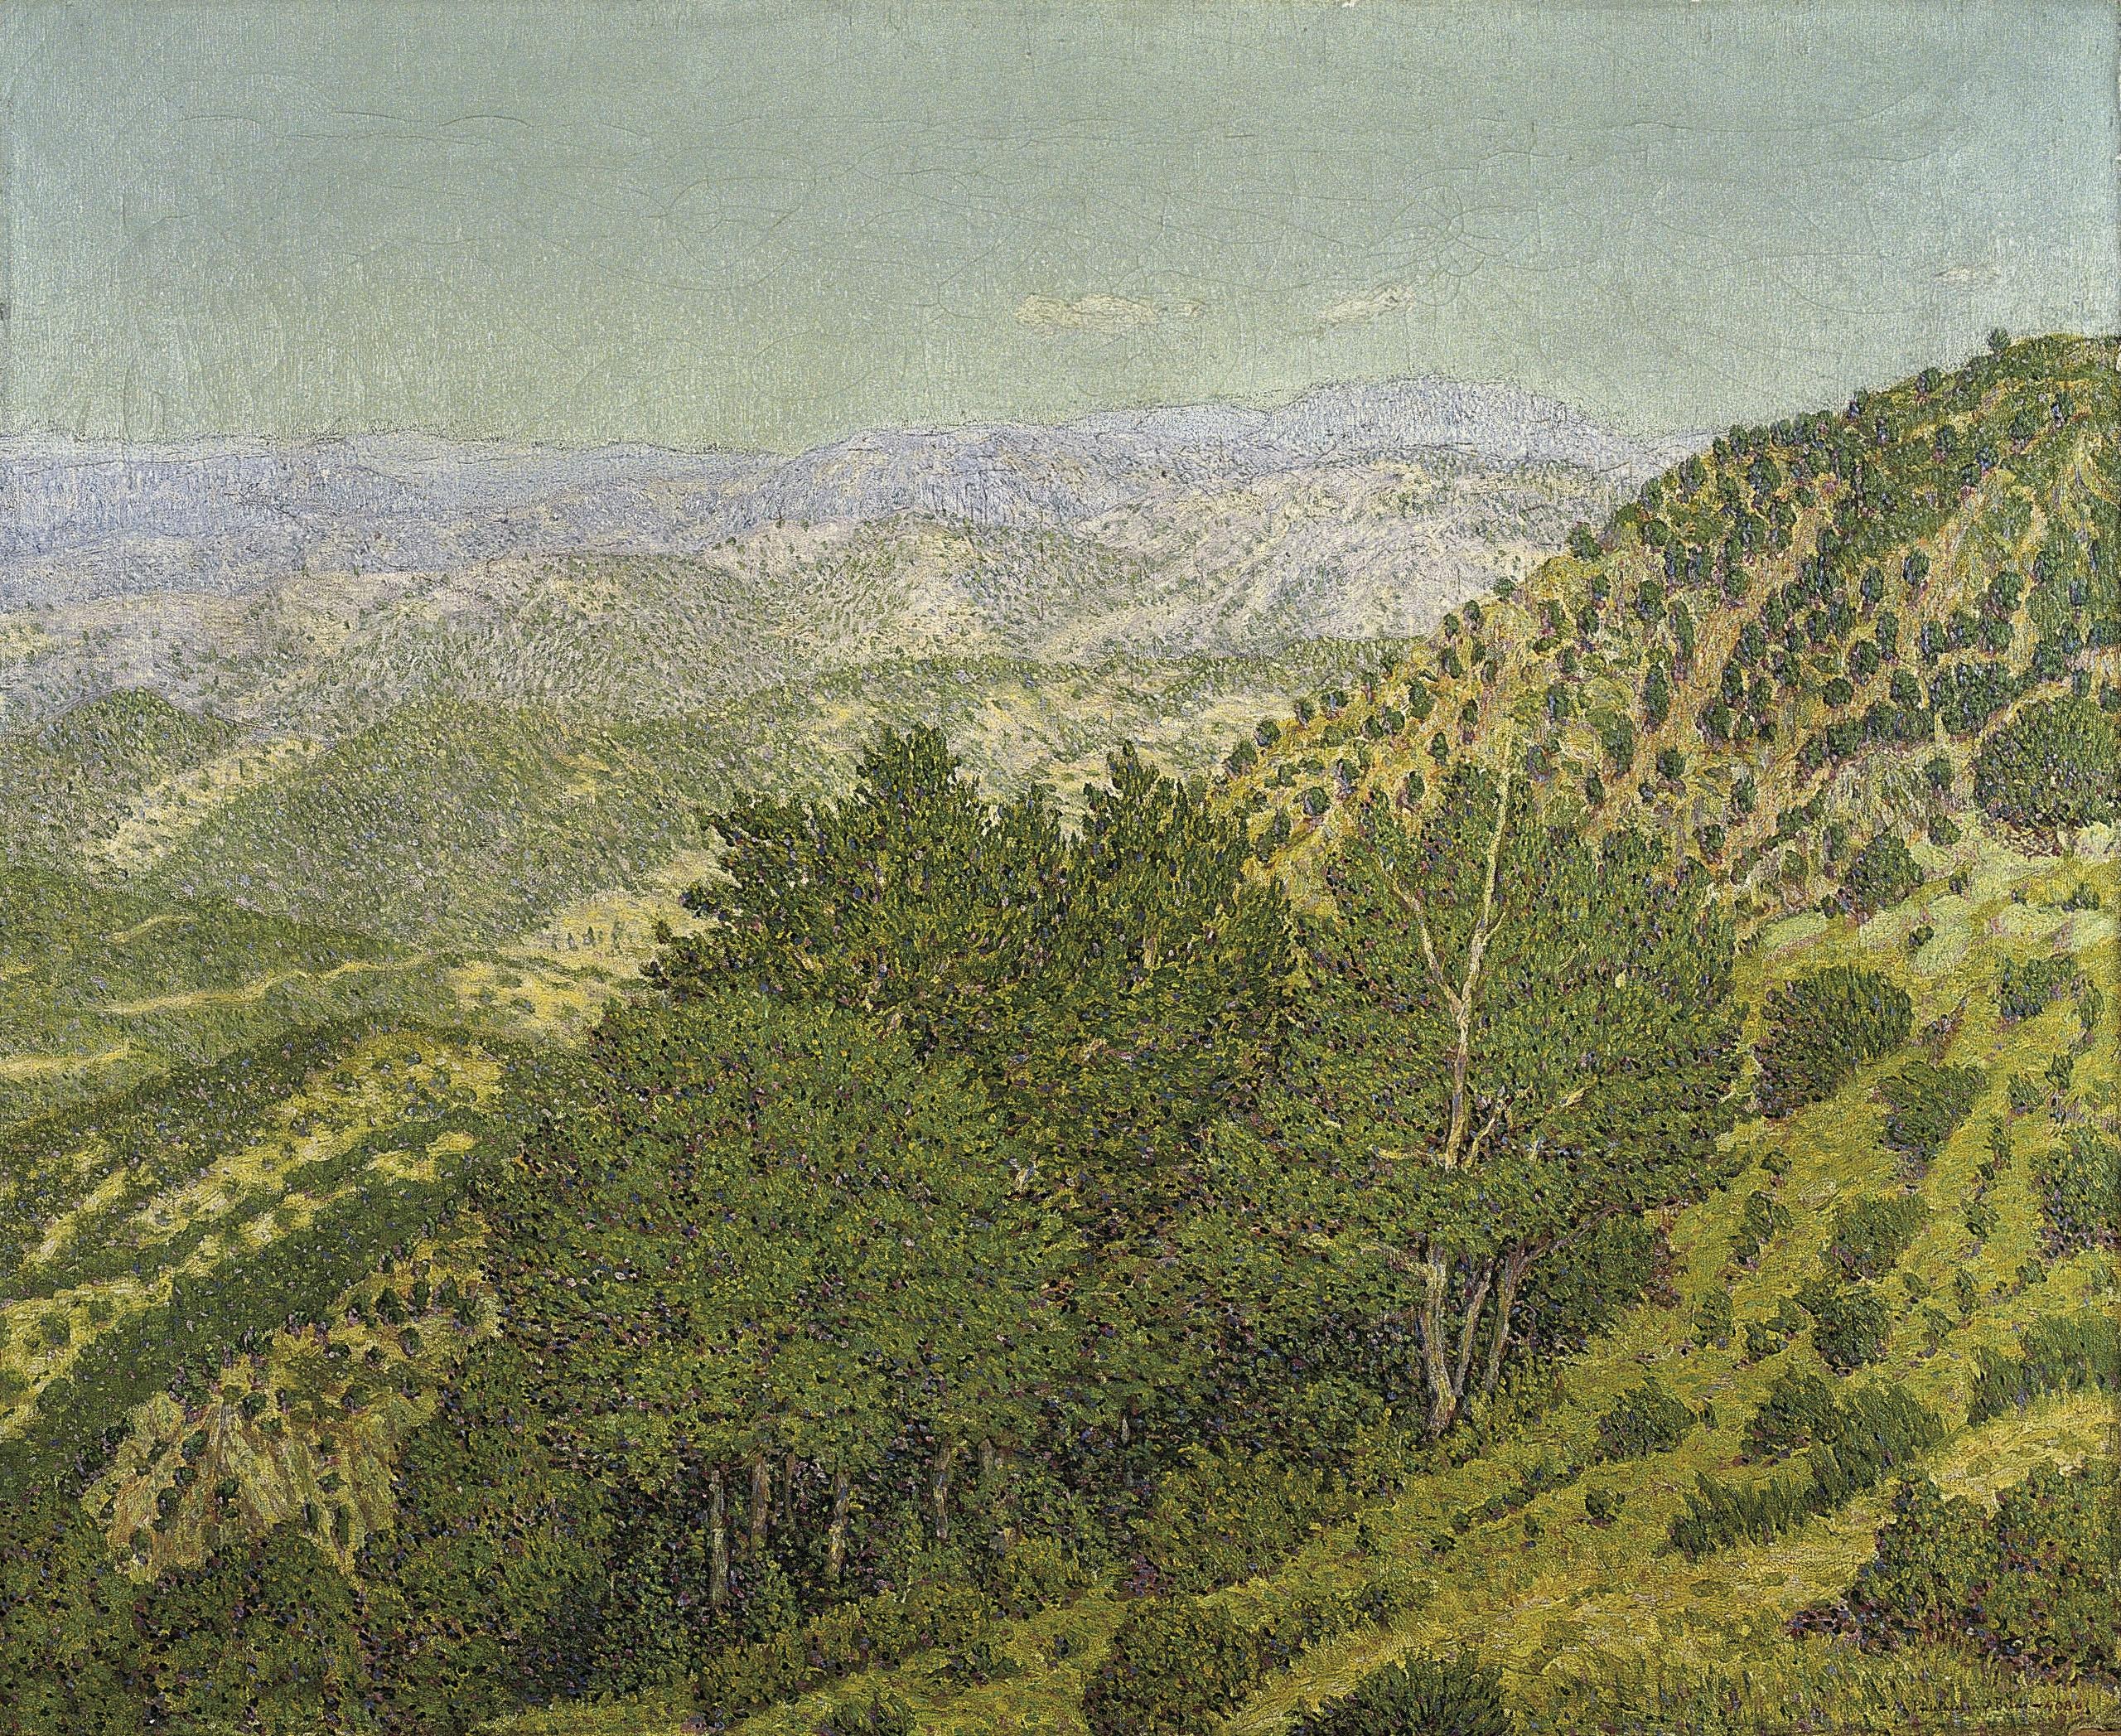 Museu Nacional d'Art de Catalunya | Muntanyes des del Montseny. Dia serè al matí